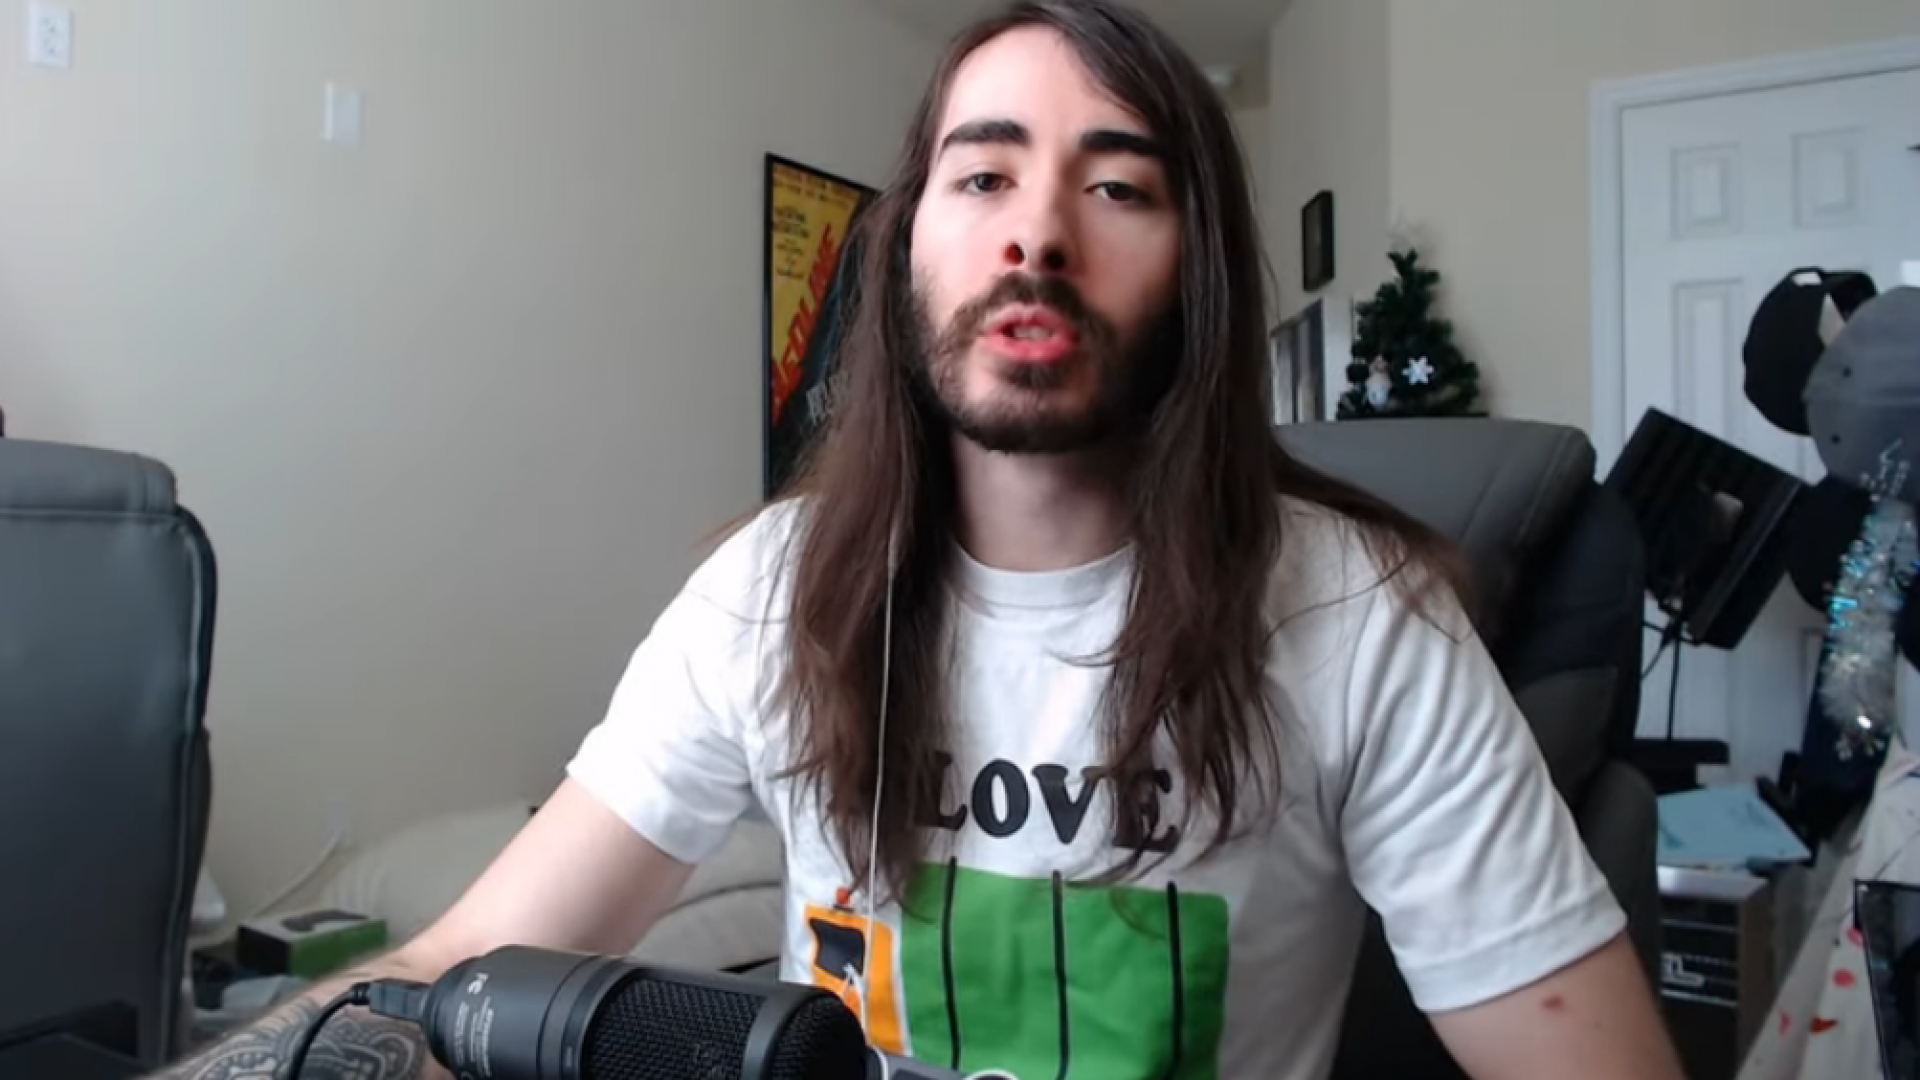 weird guy video